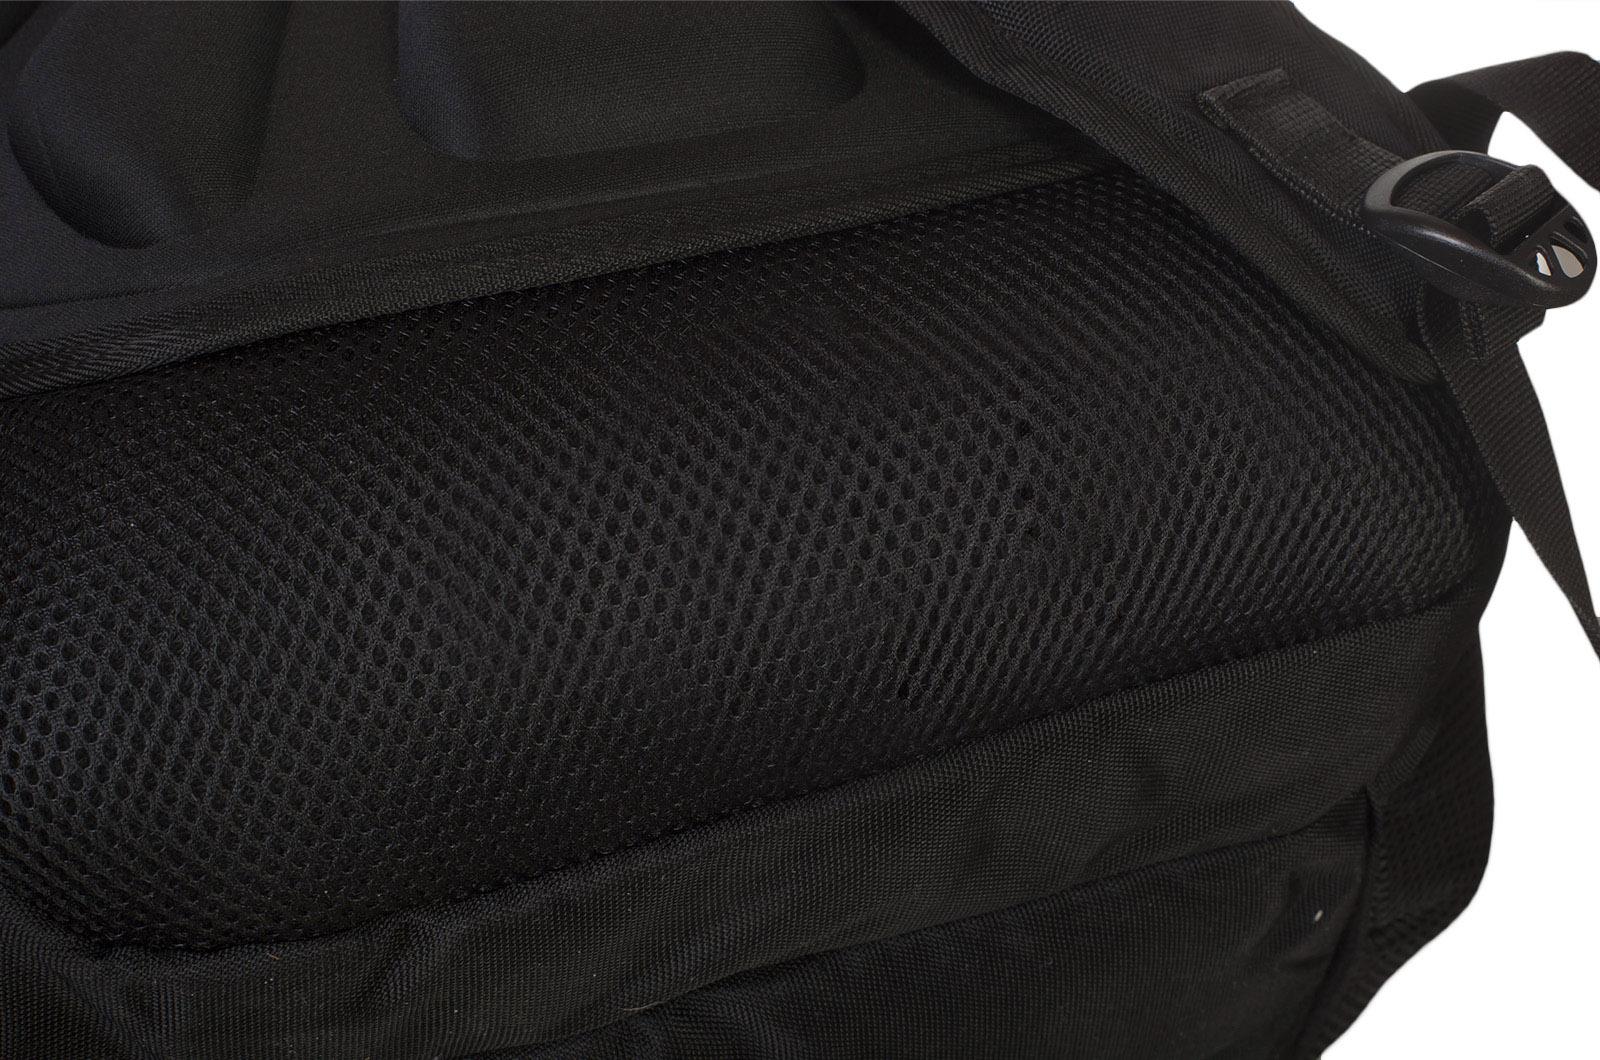 Практичный рюкзак с нашивкой Танковых войск купить с доставкой